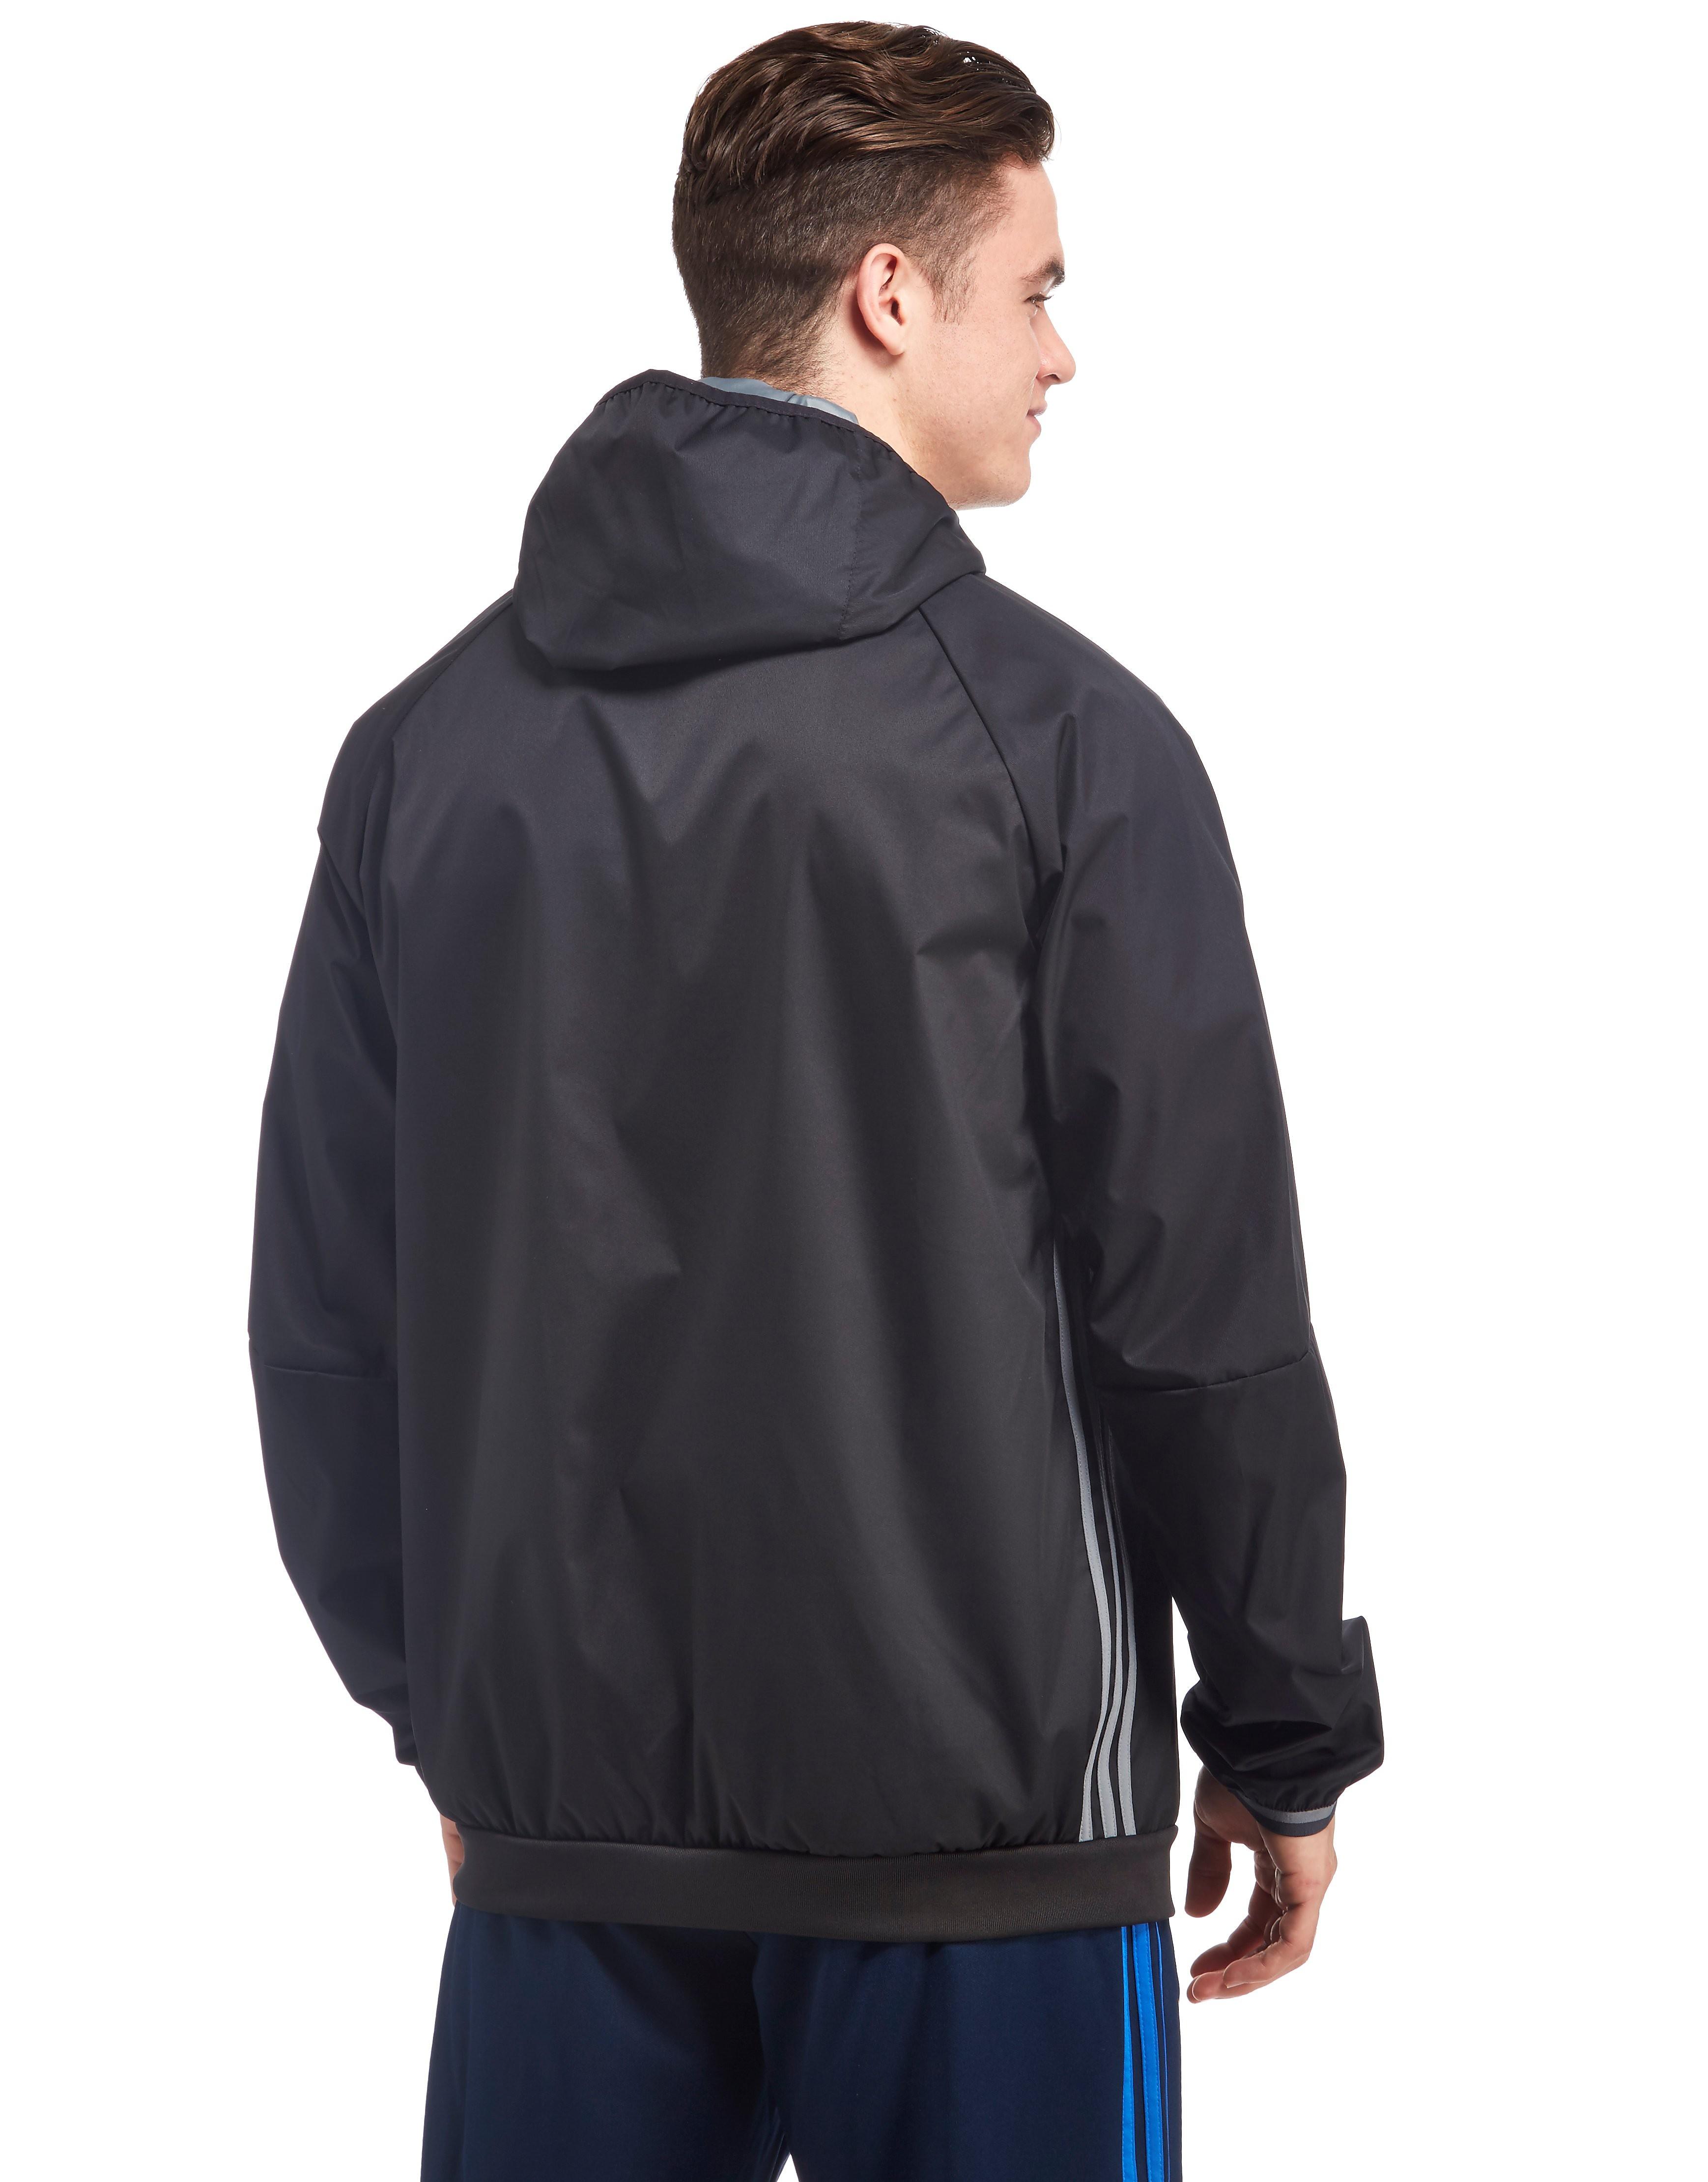 adidas Northern Ireland 2016/17 Windbreaker Jacket